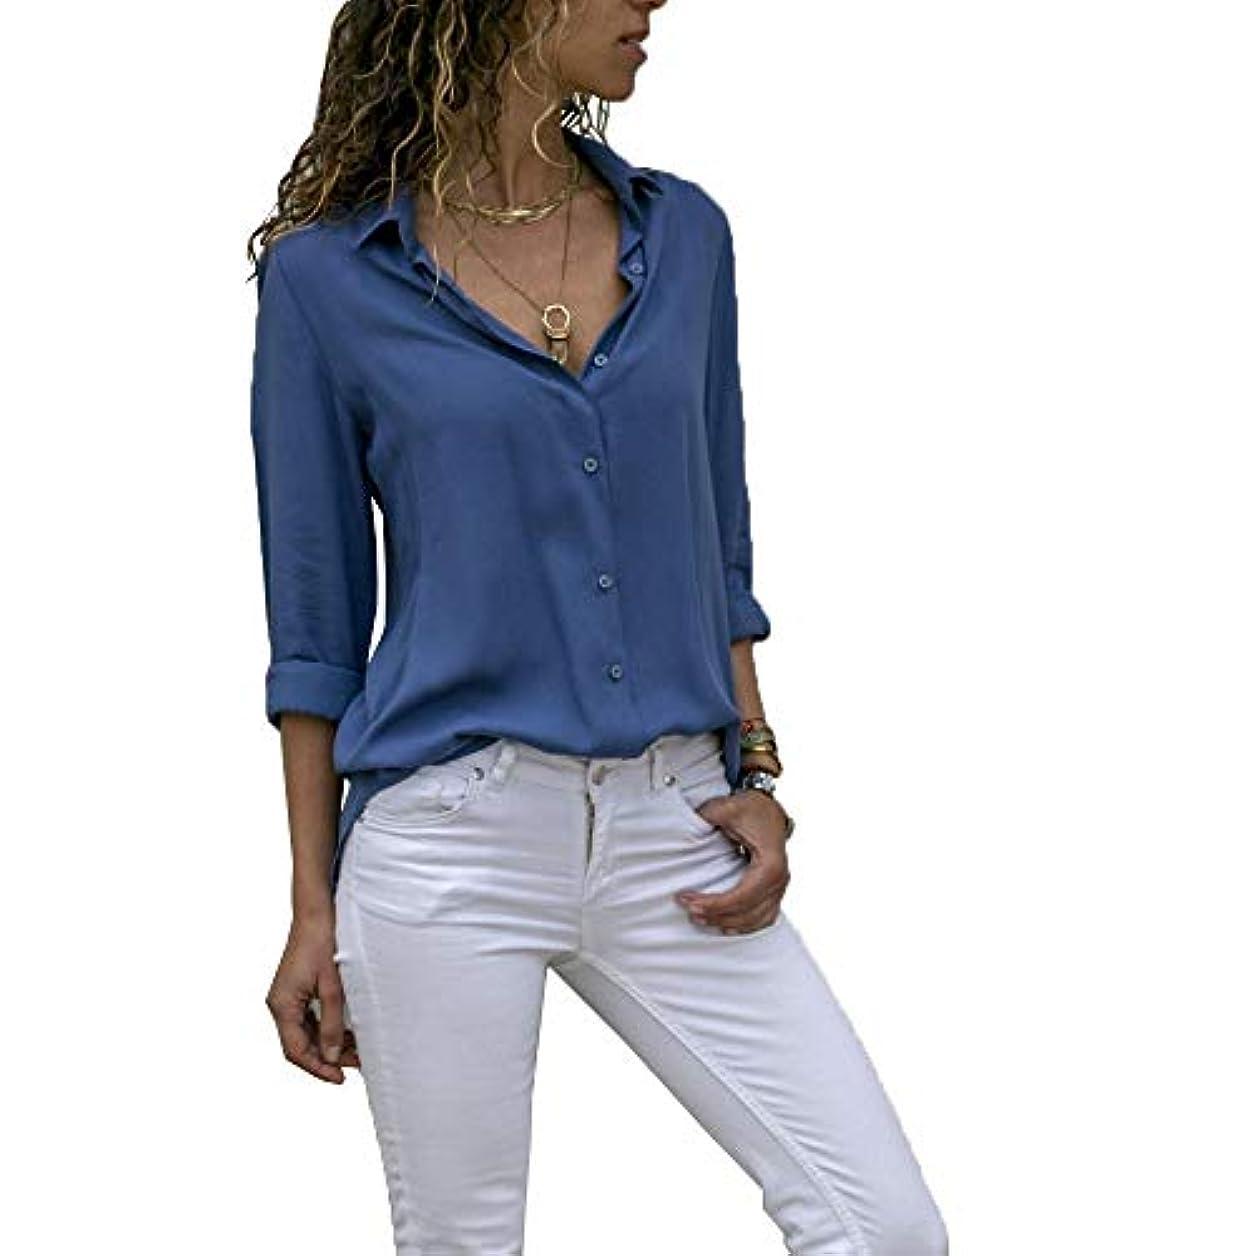 害虫湿った神経MIFAN ルーズシャツ、トップス&Tシャツ、プラスサイズ、トップス&ブラウス、シフォンブラウス、女性トップス、シフォンシャツ